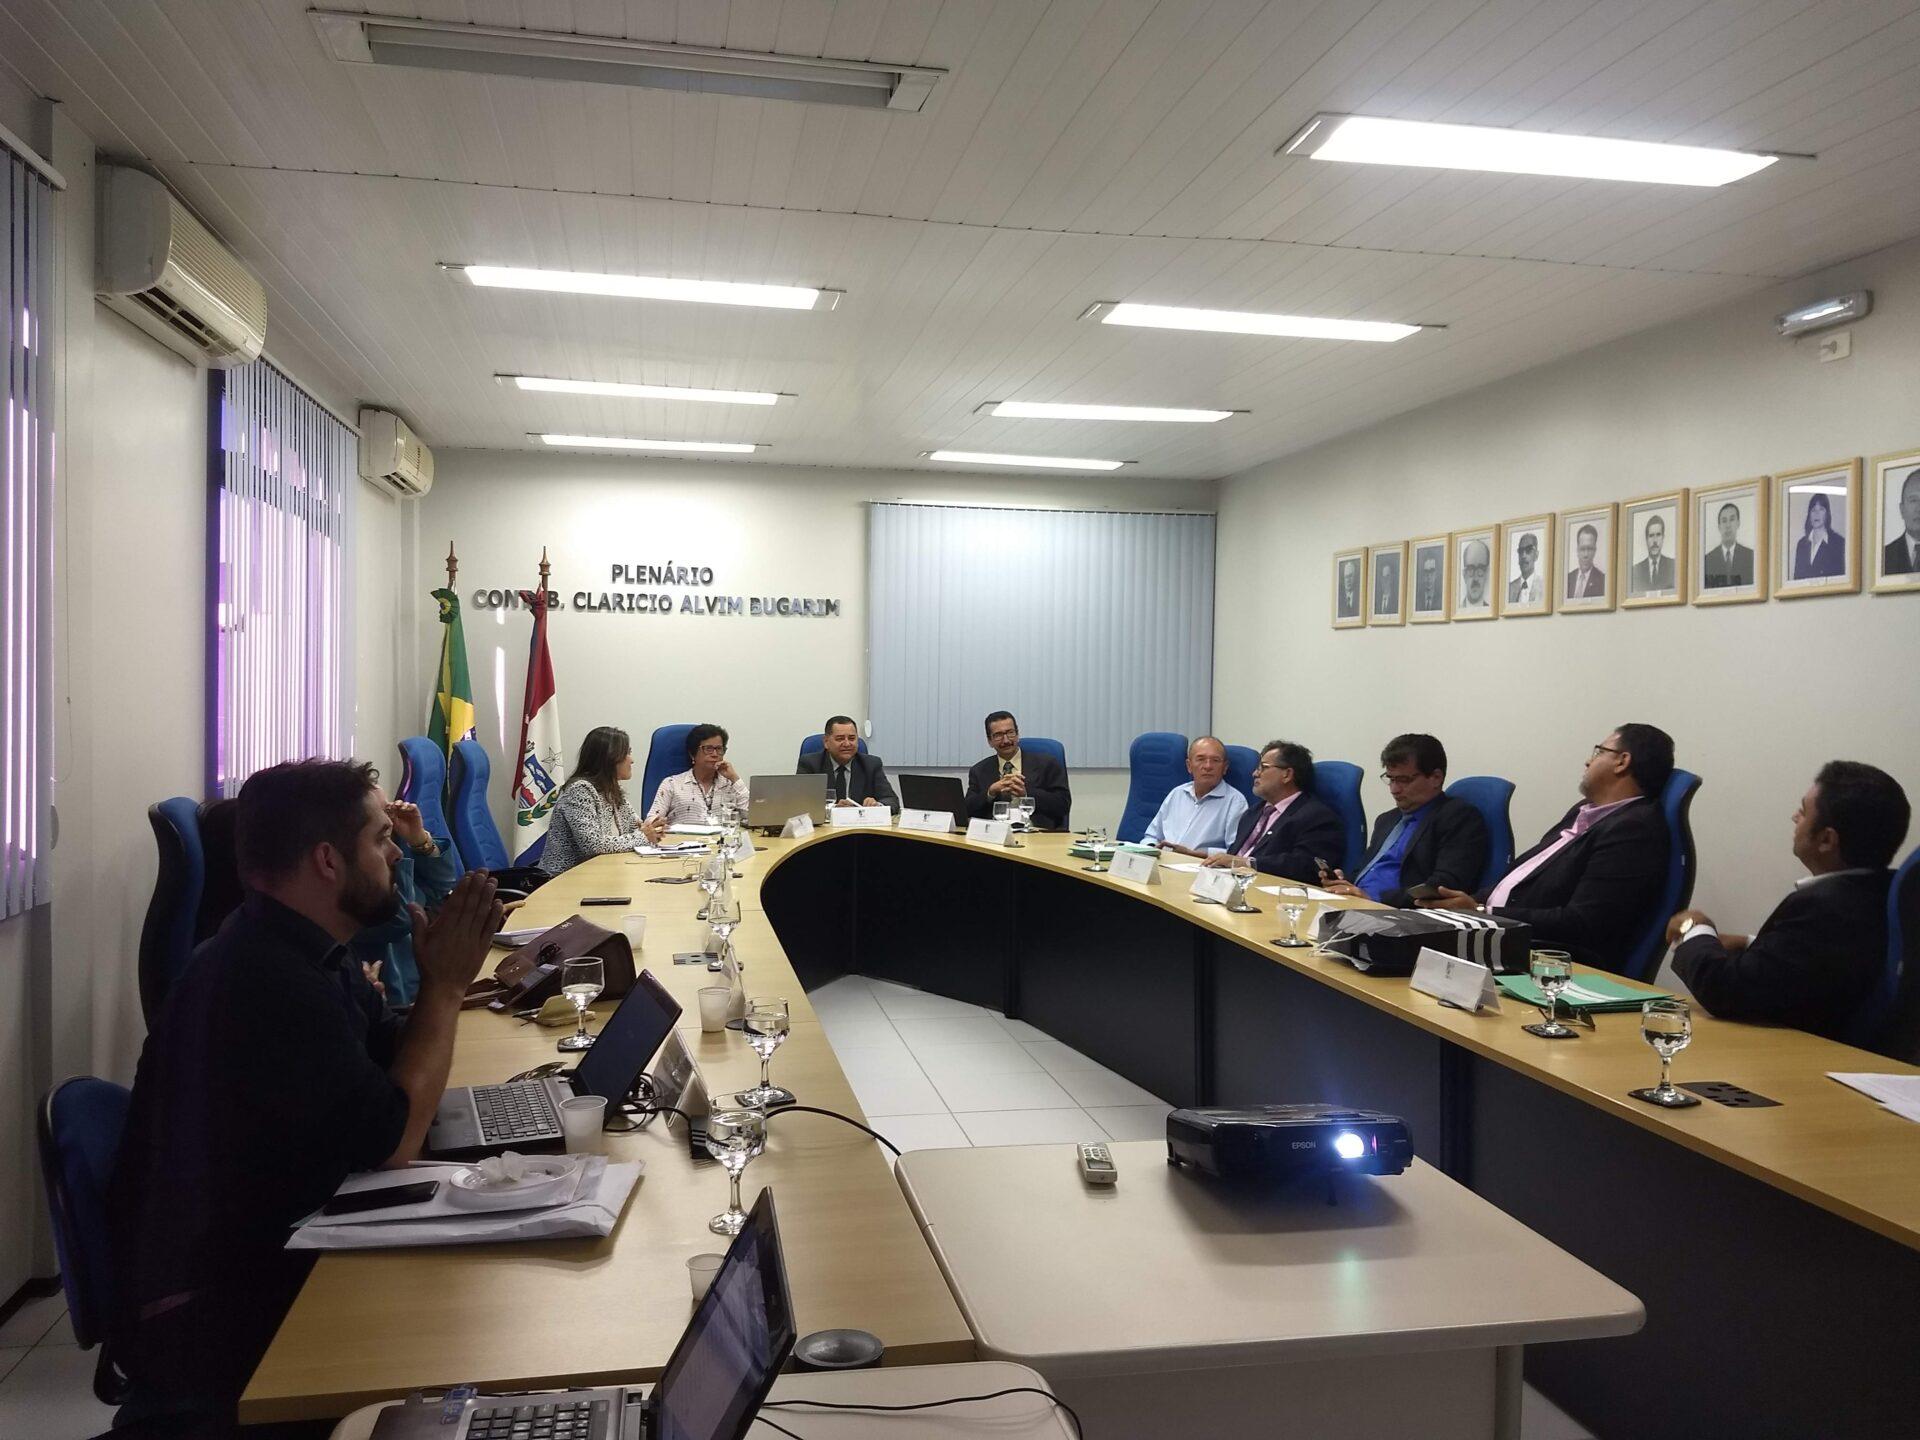 Presidente do CRCAL conduz reunião plenária do mês de outubro